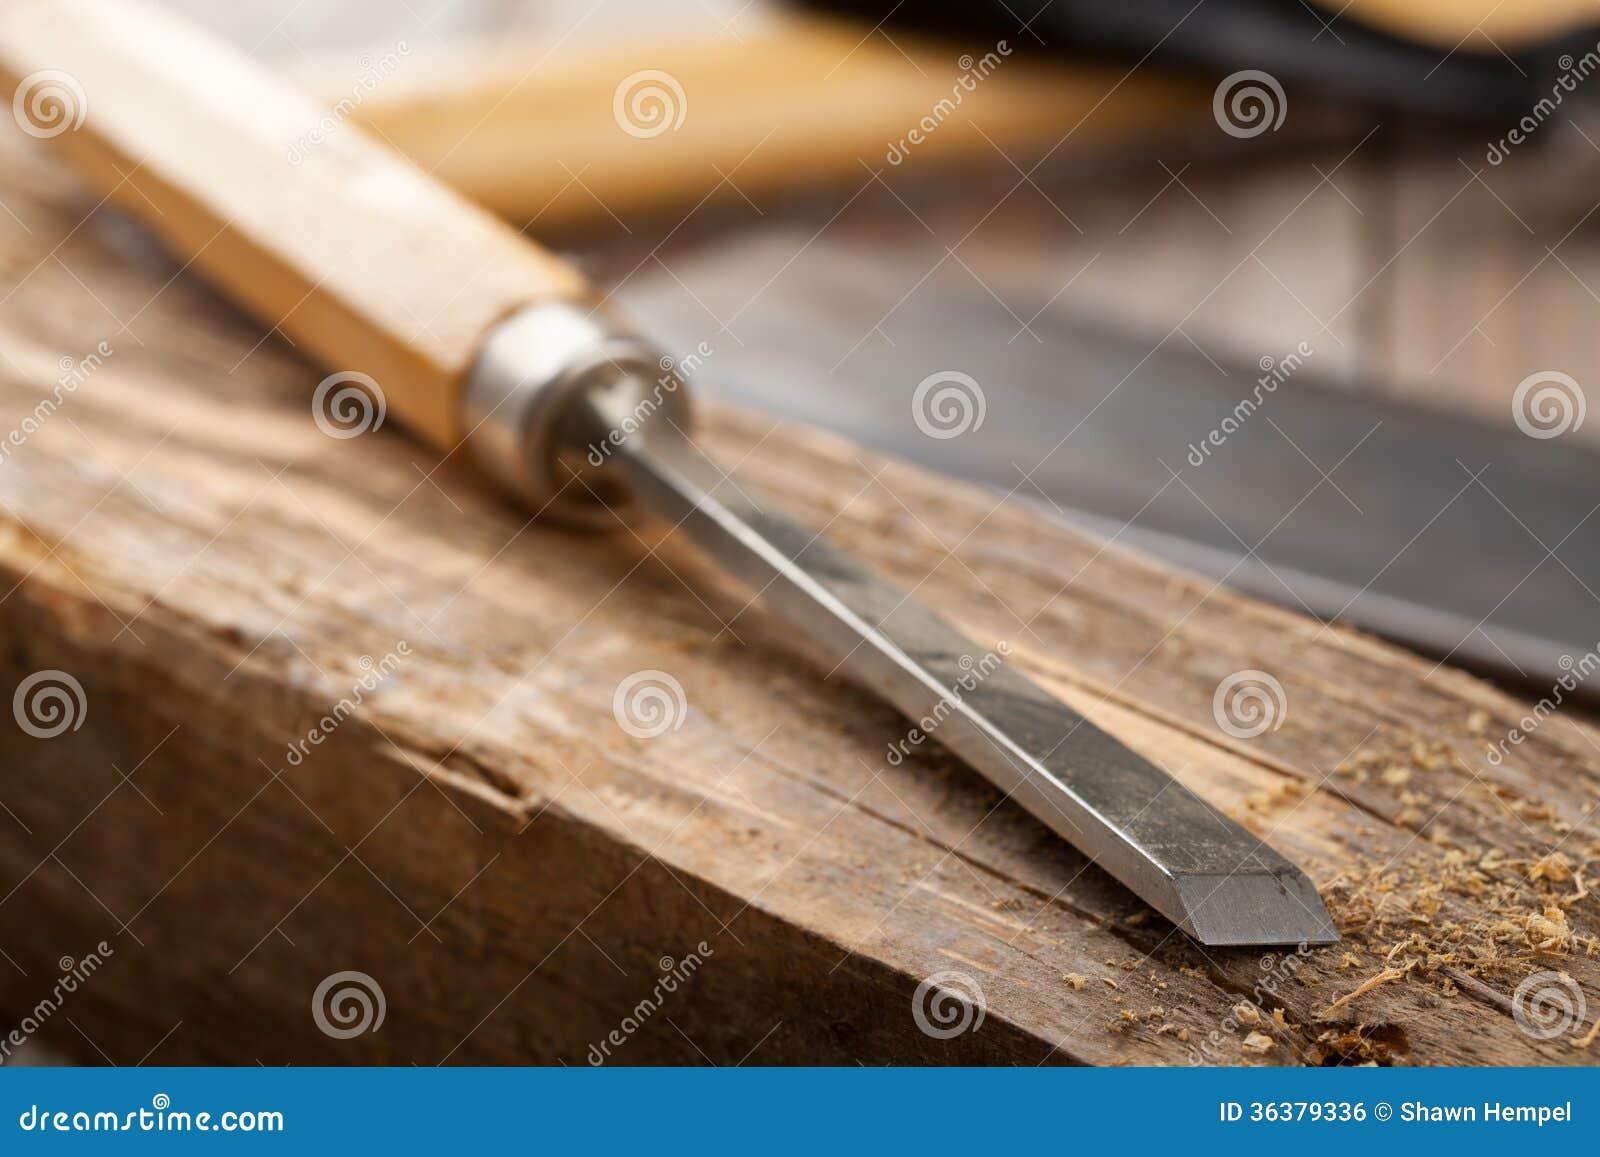 Die Werkzeuge des Handwerkers